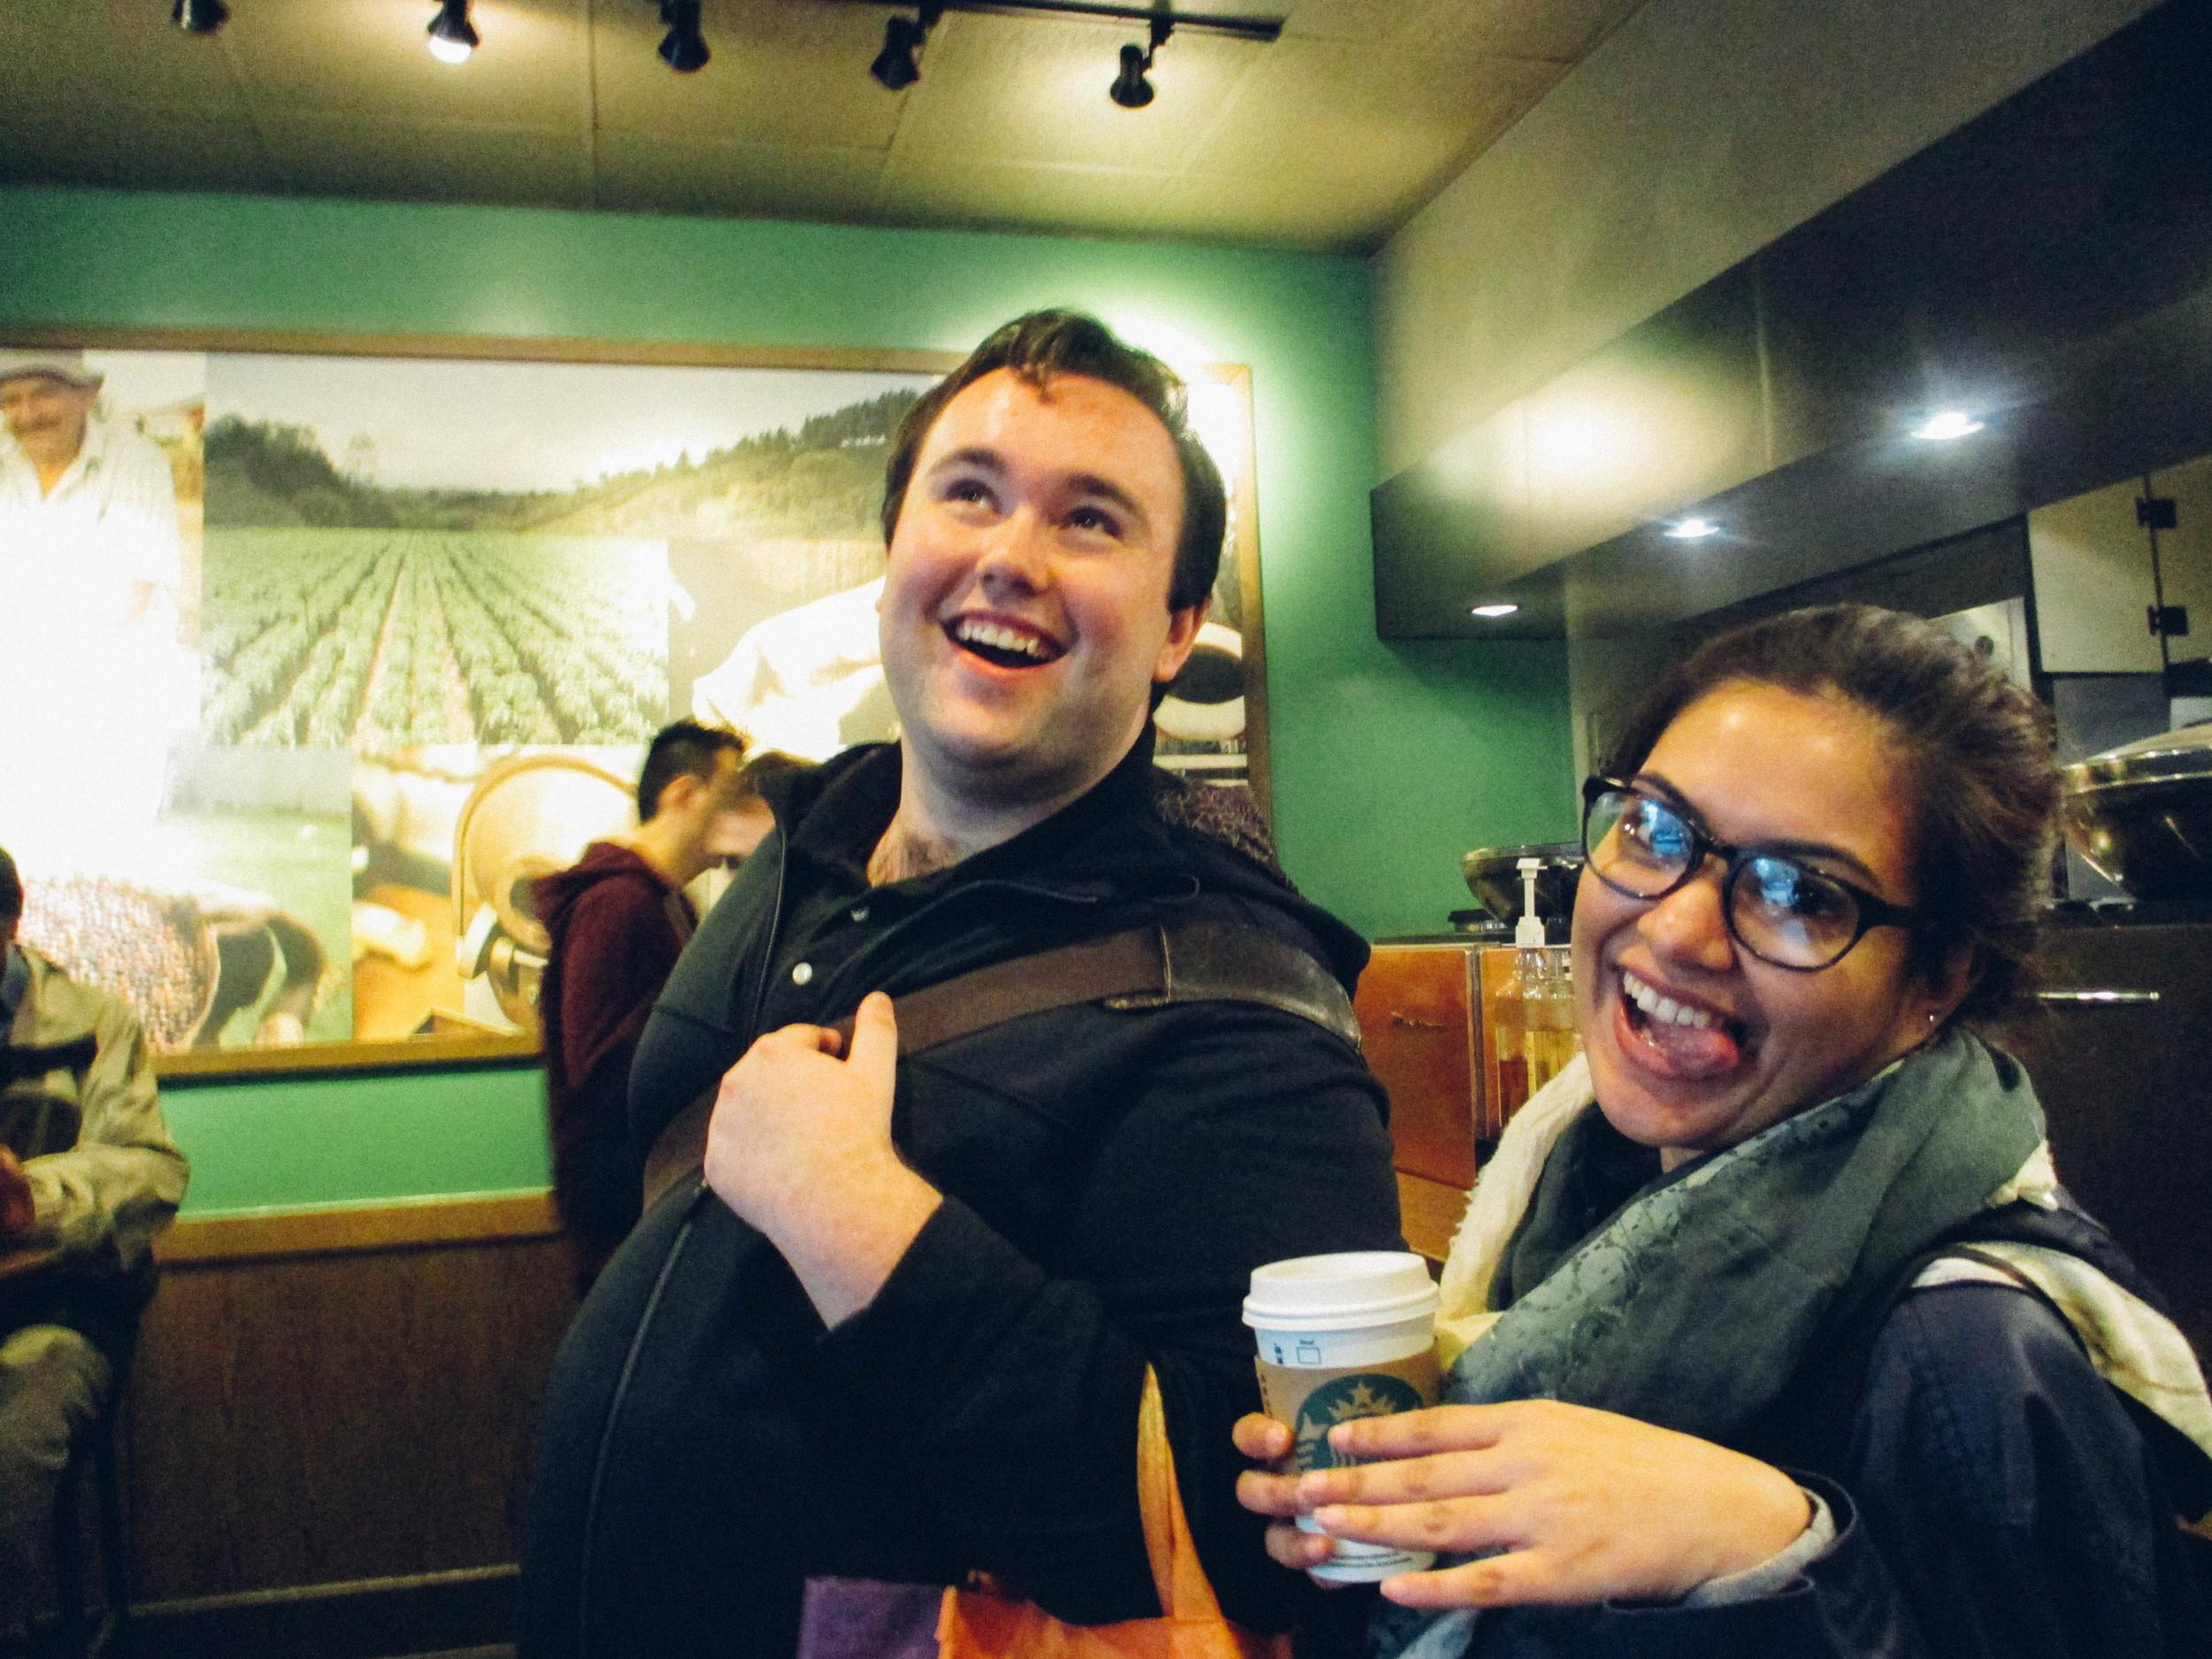 Starbucks shenanigans.